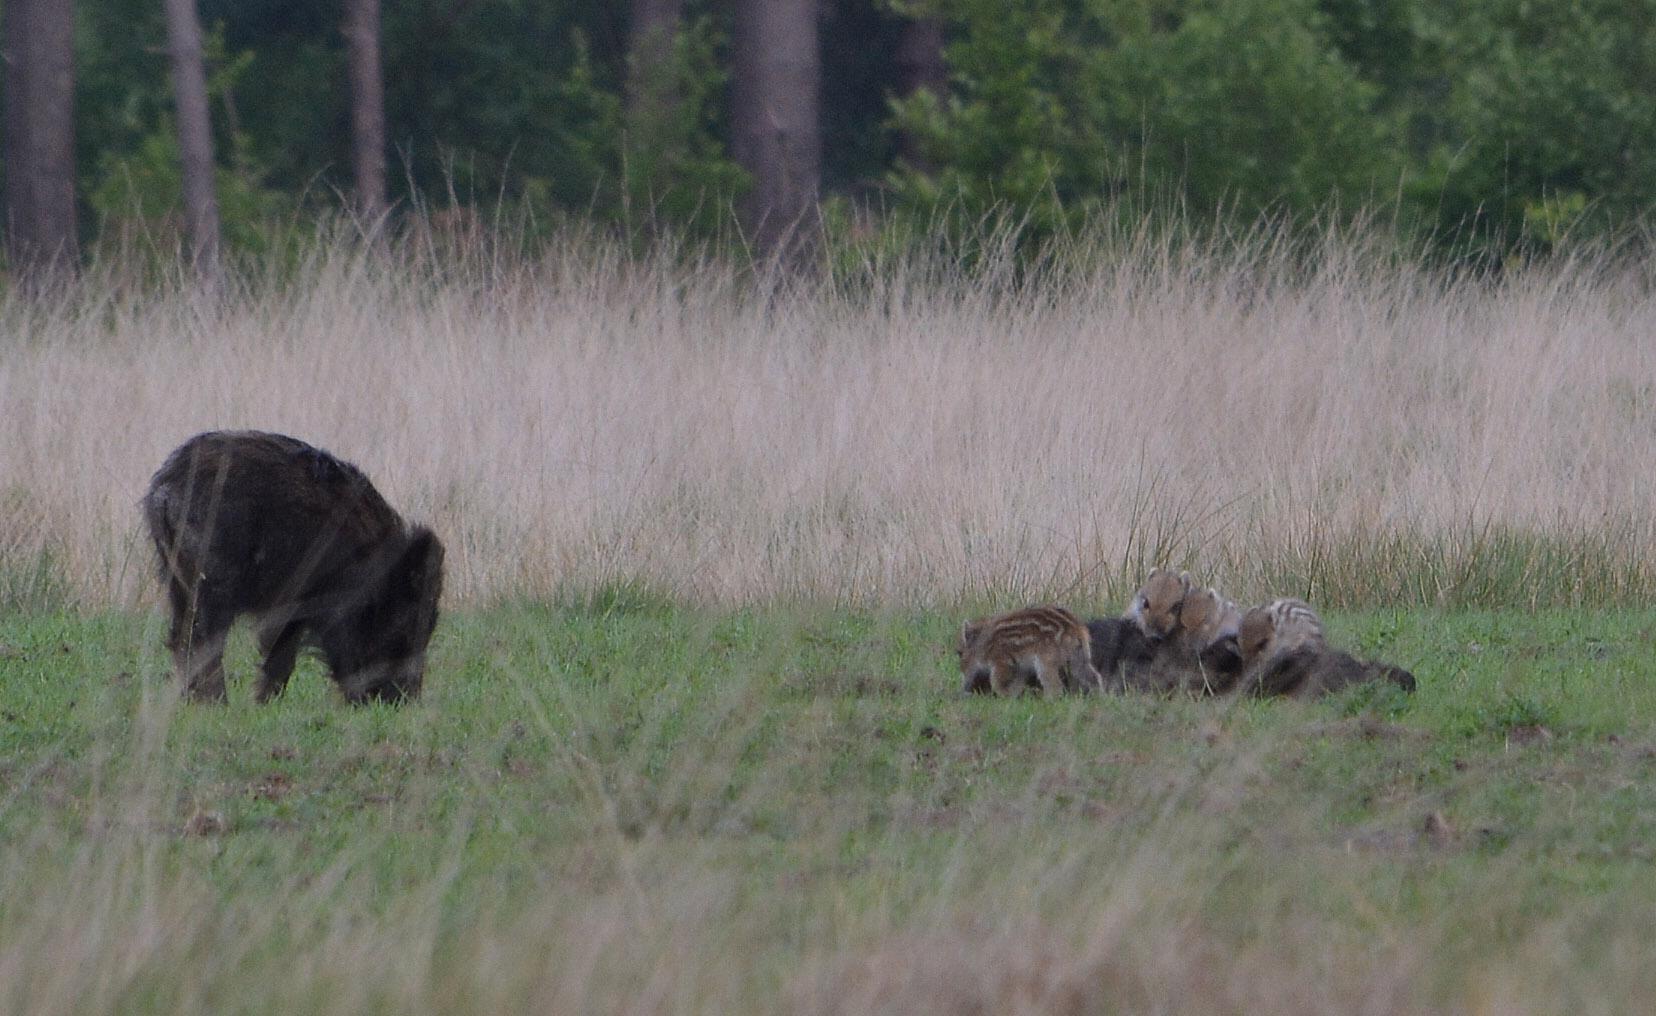 Als moeder dan weer gaat liggen, buitelen de kleintjes over haar heen - Foto: ©Florus van den Berg